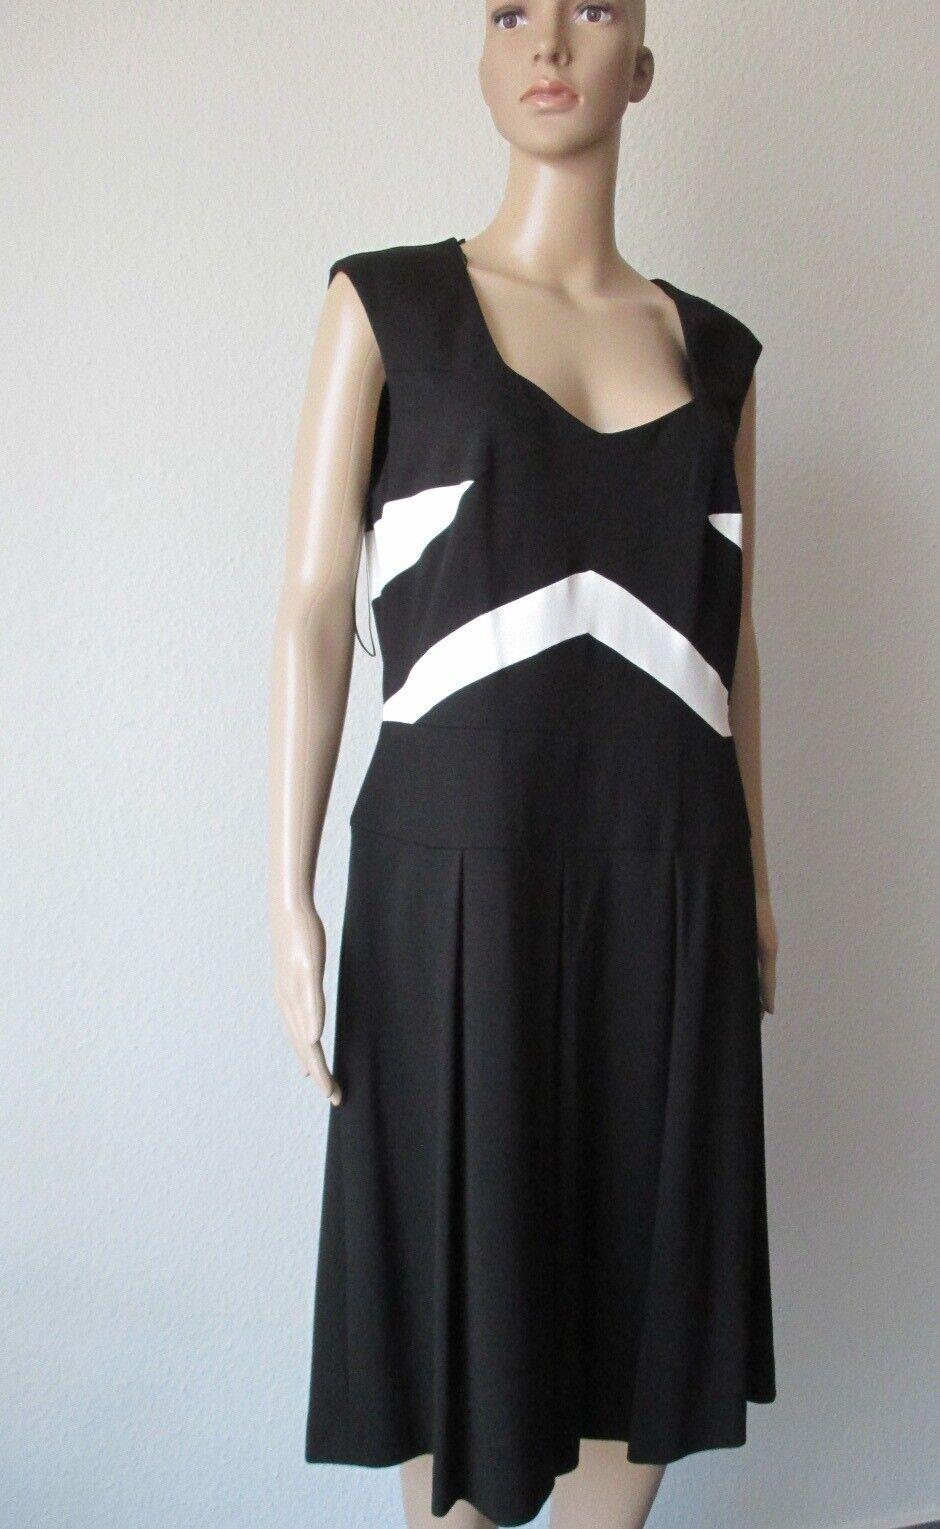 6d2ab708458e7 Laurel Kleid Jersey, schwarz Größe 40 weiß, aus nwzvwm5660-neue Kleidung